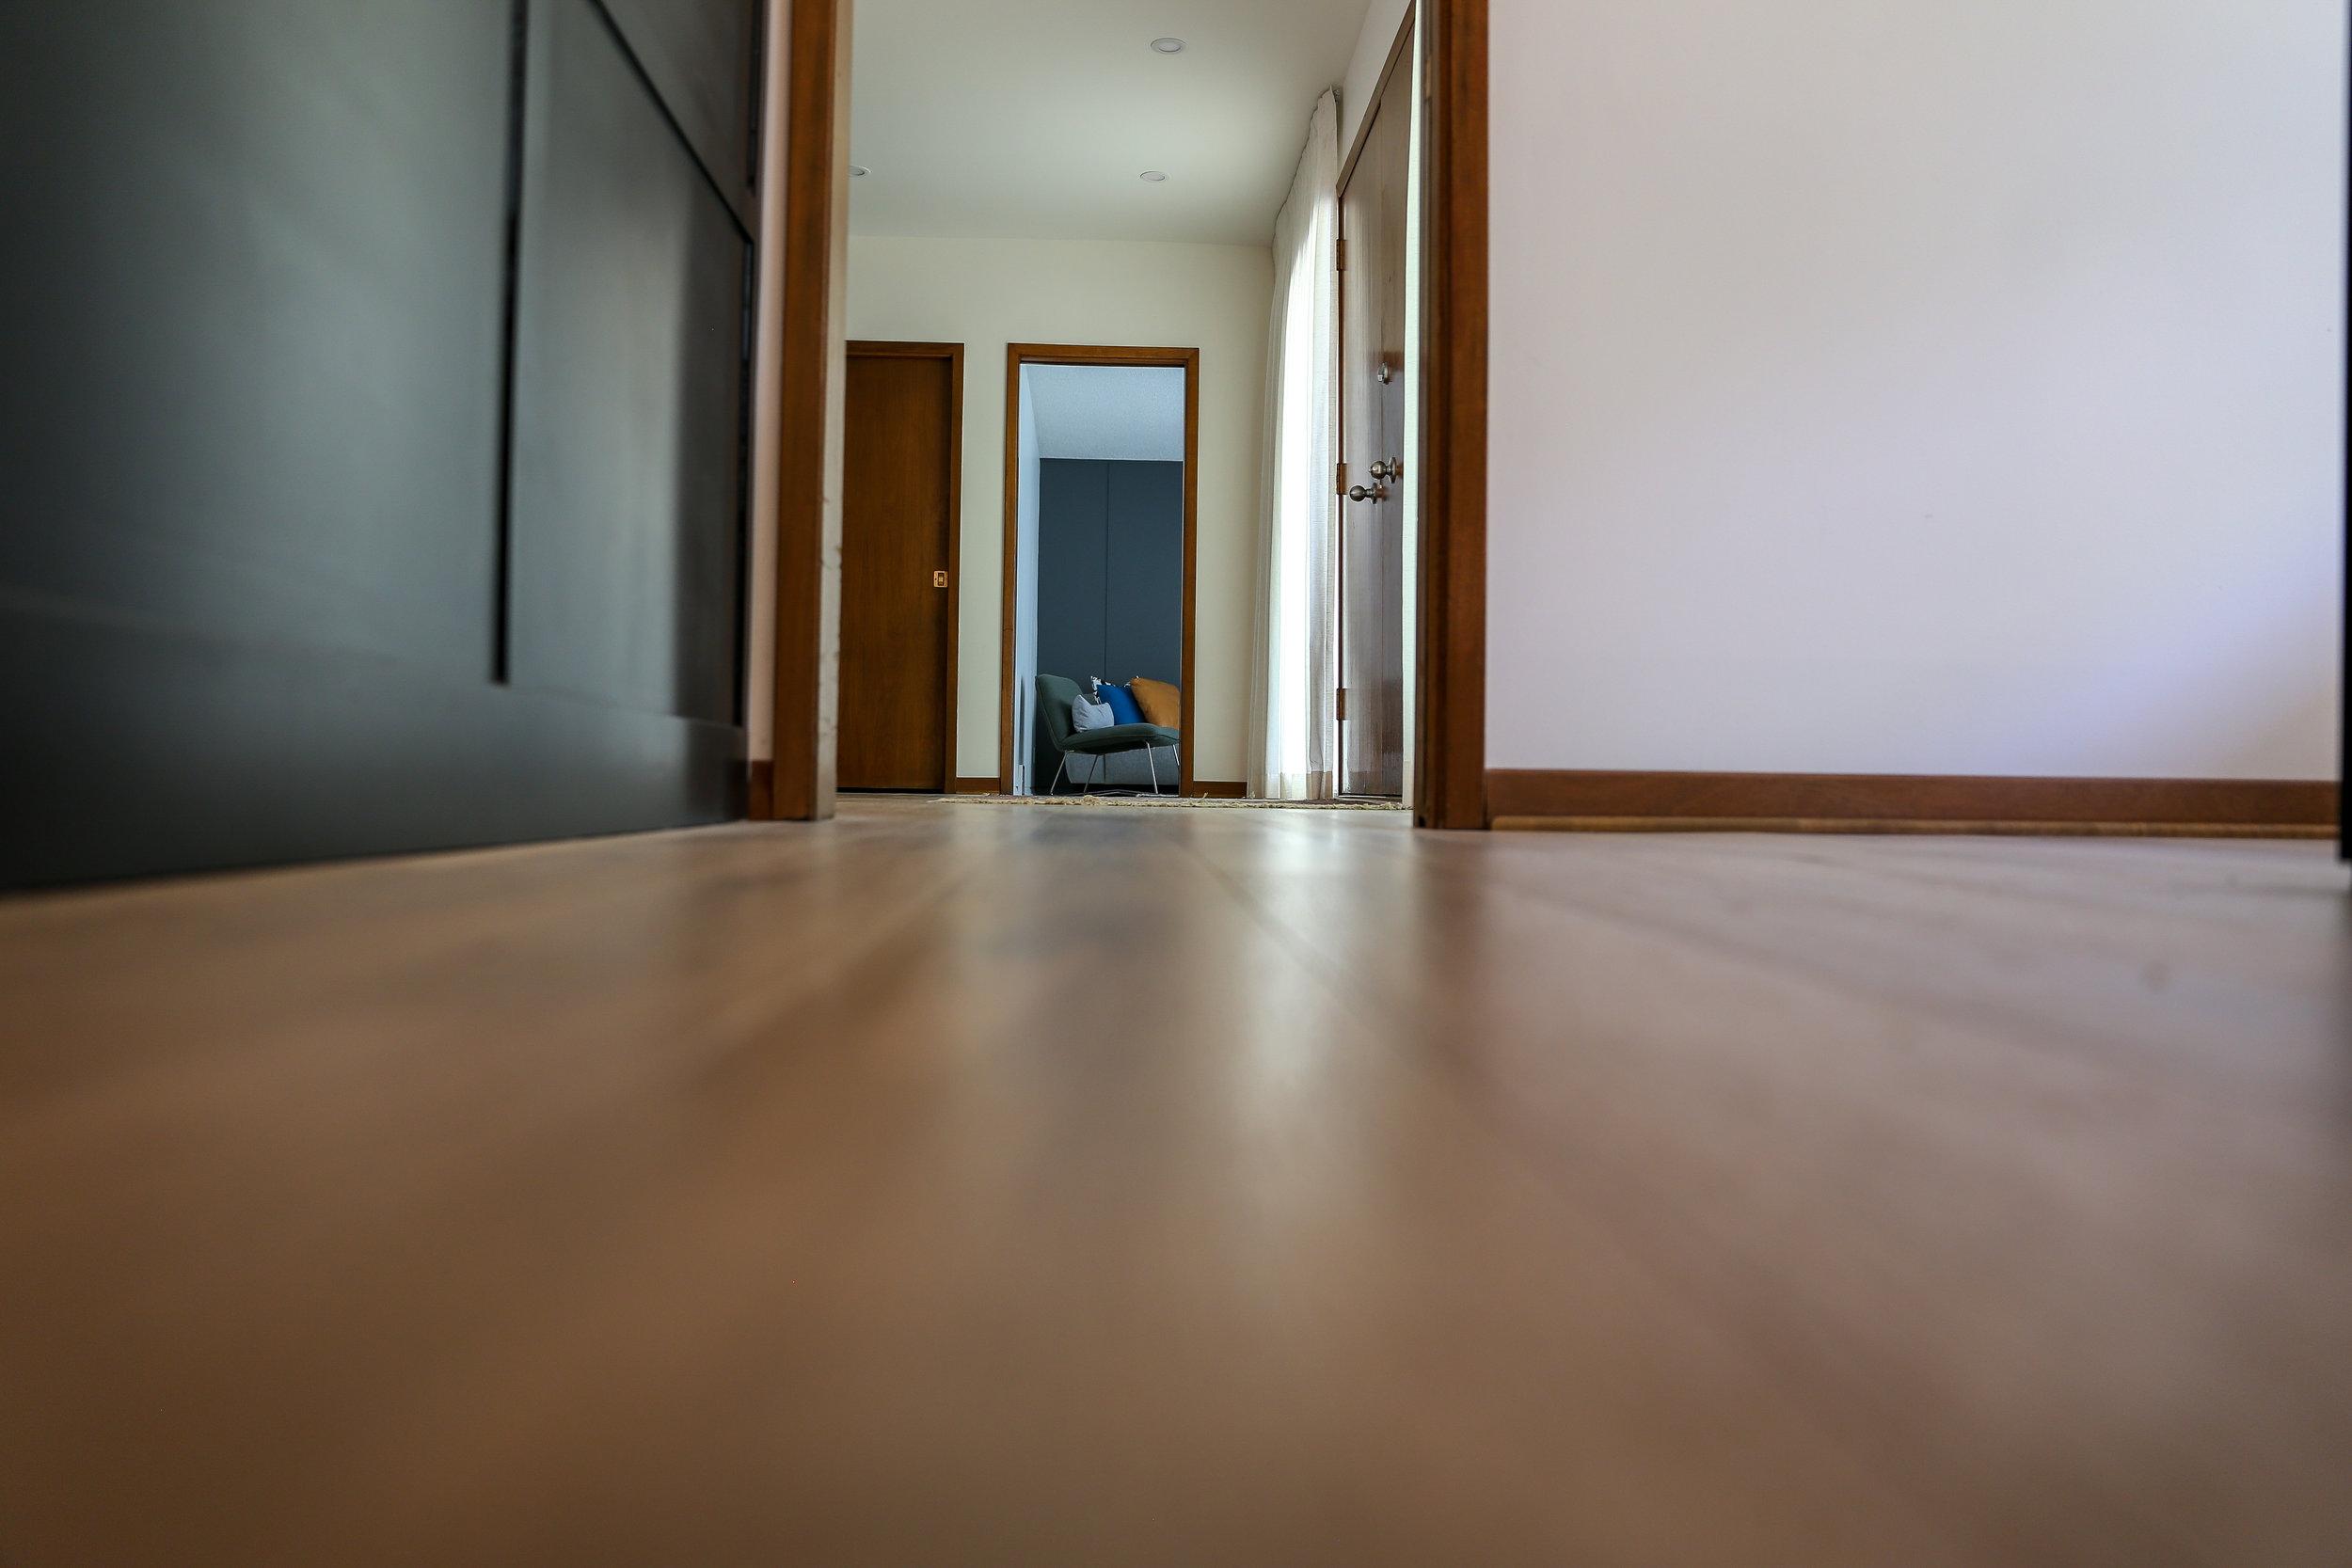 boreham kitchen +-4249.jpg